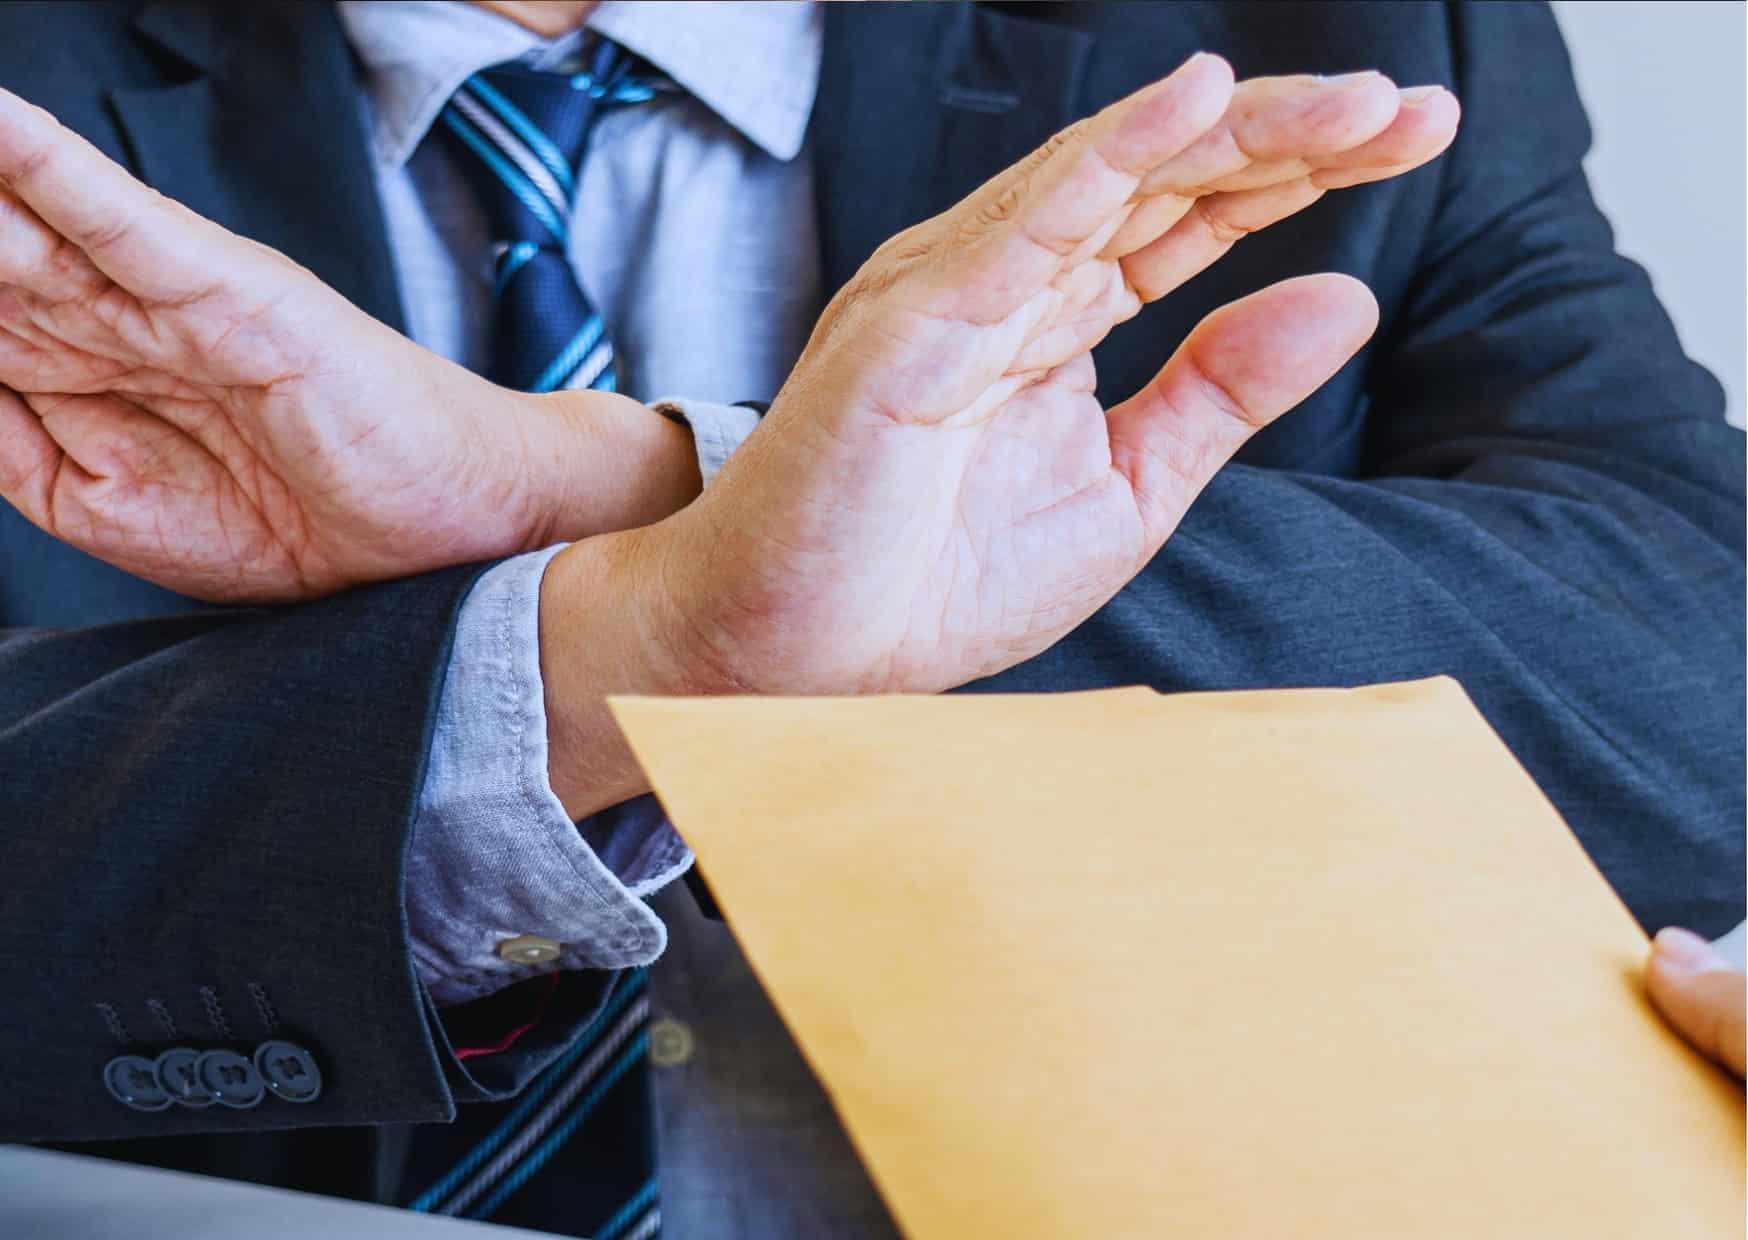 vaststellingsovereenkomst beter niet tekenen